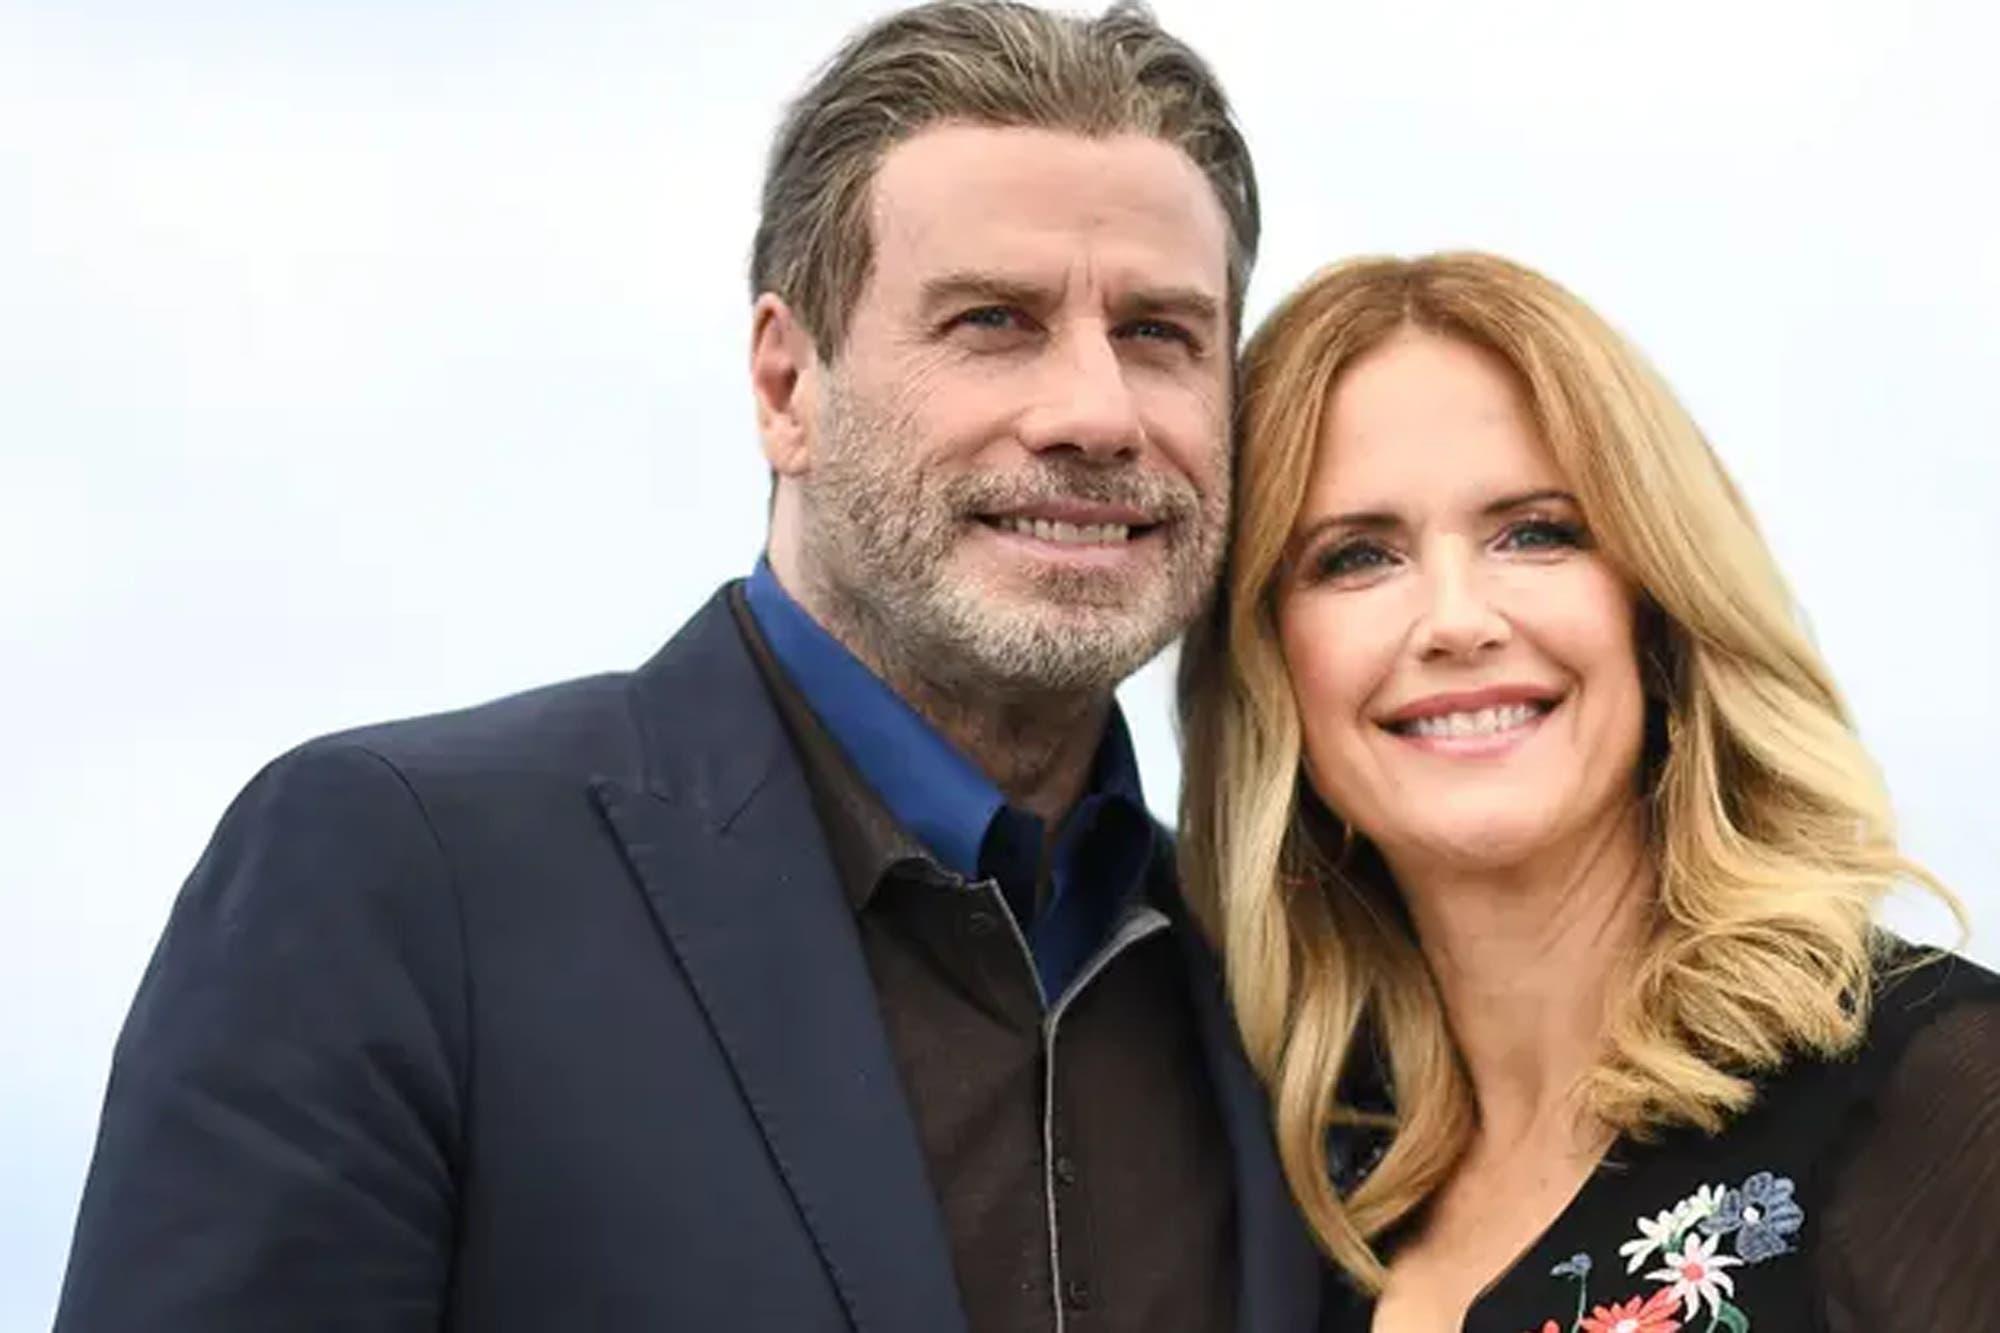 John Travolta recuerda a su esposa con emotivo mensaje por su cumpleaños